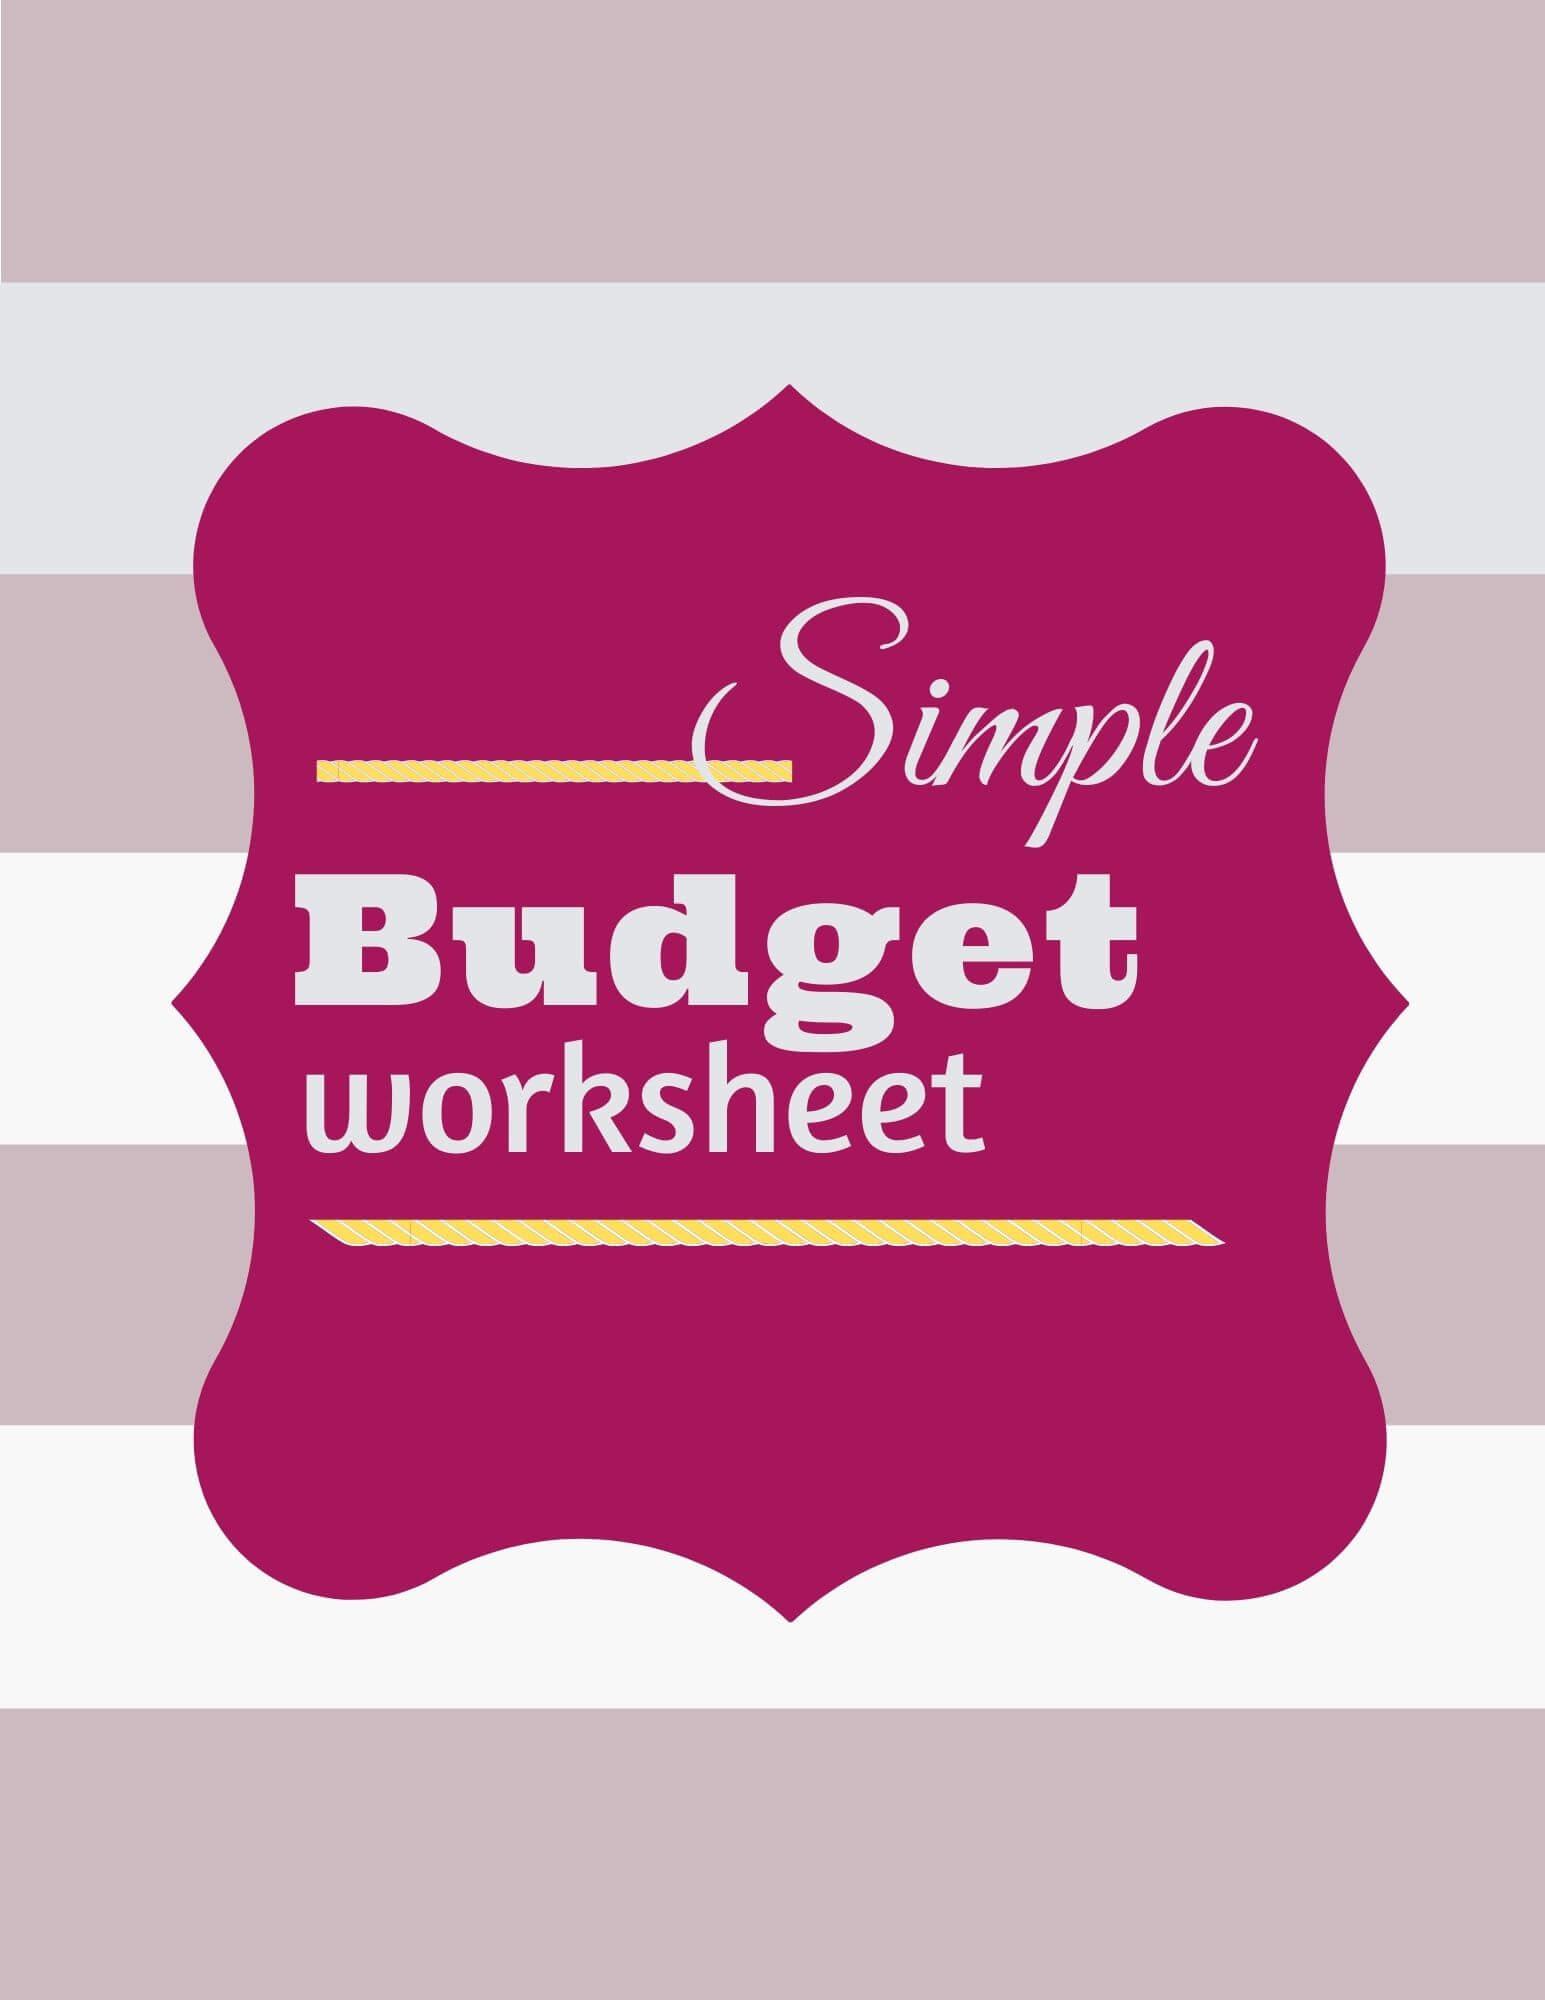 502030 Simple budget worksheet